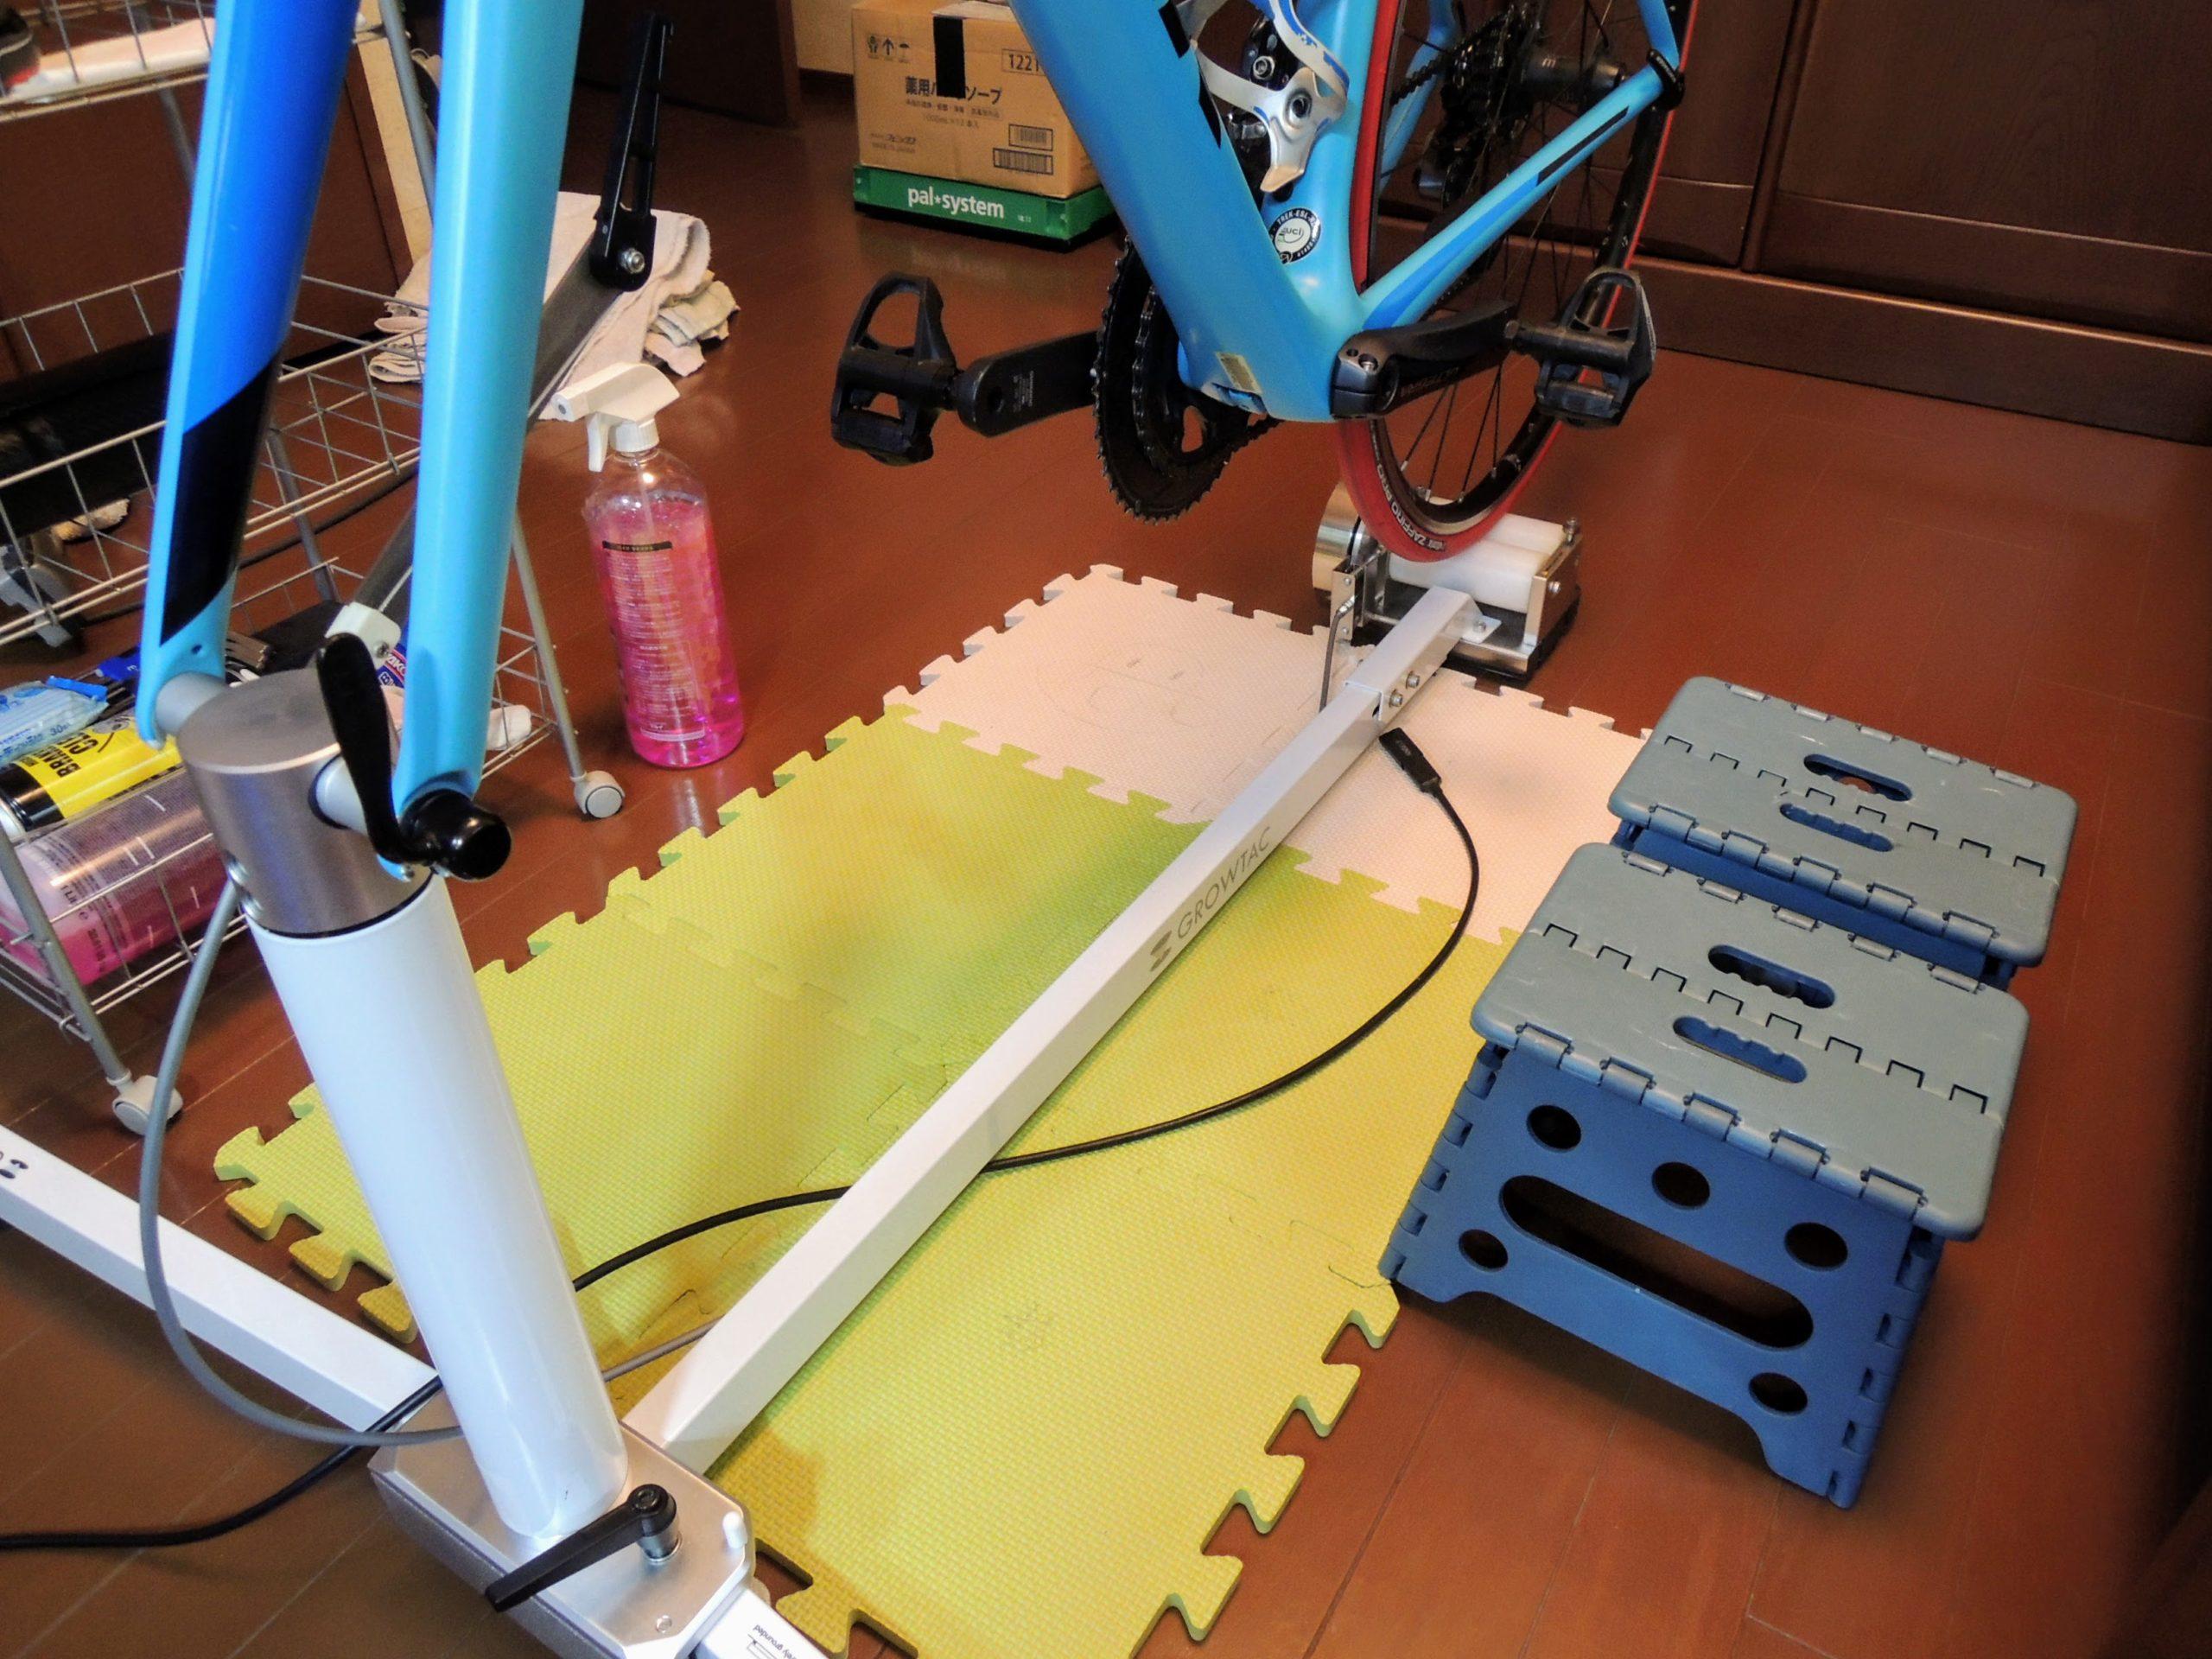 PCのUSB端子から延長ケーブルでant+ドングルをセンサーに近づける